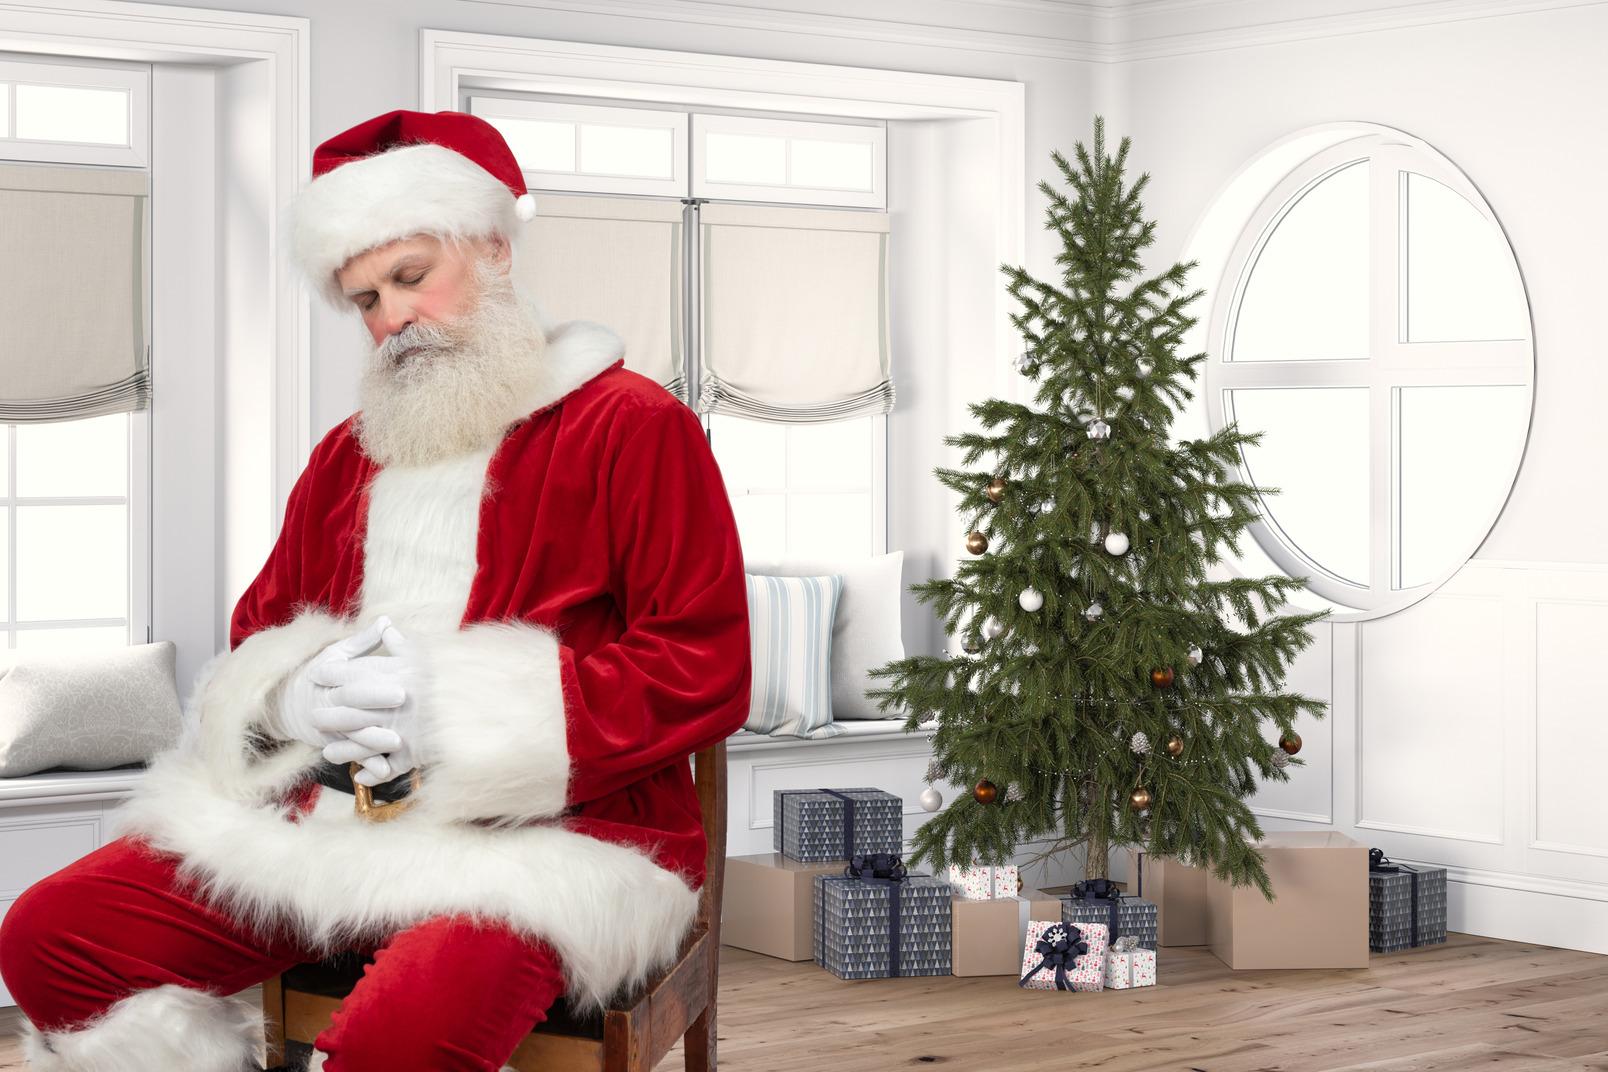 Santa ist zu müde, um geschenke zu liefern